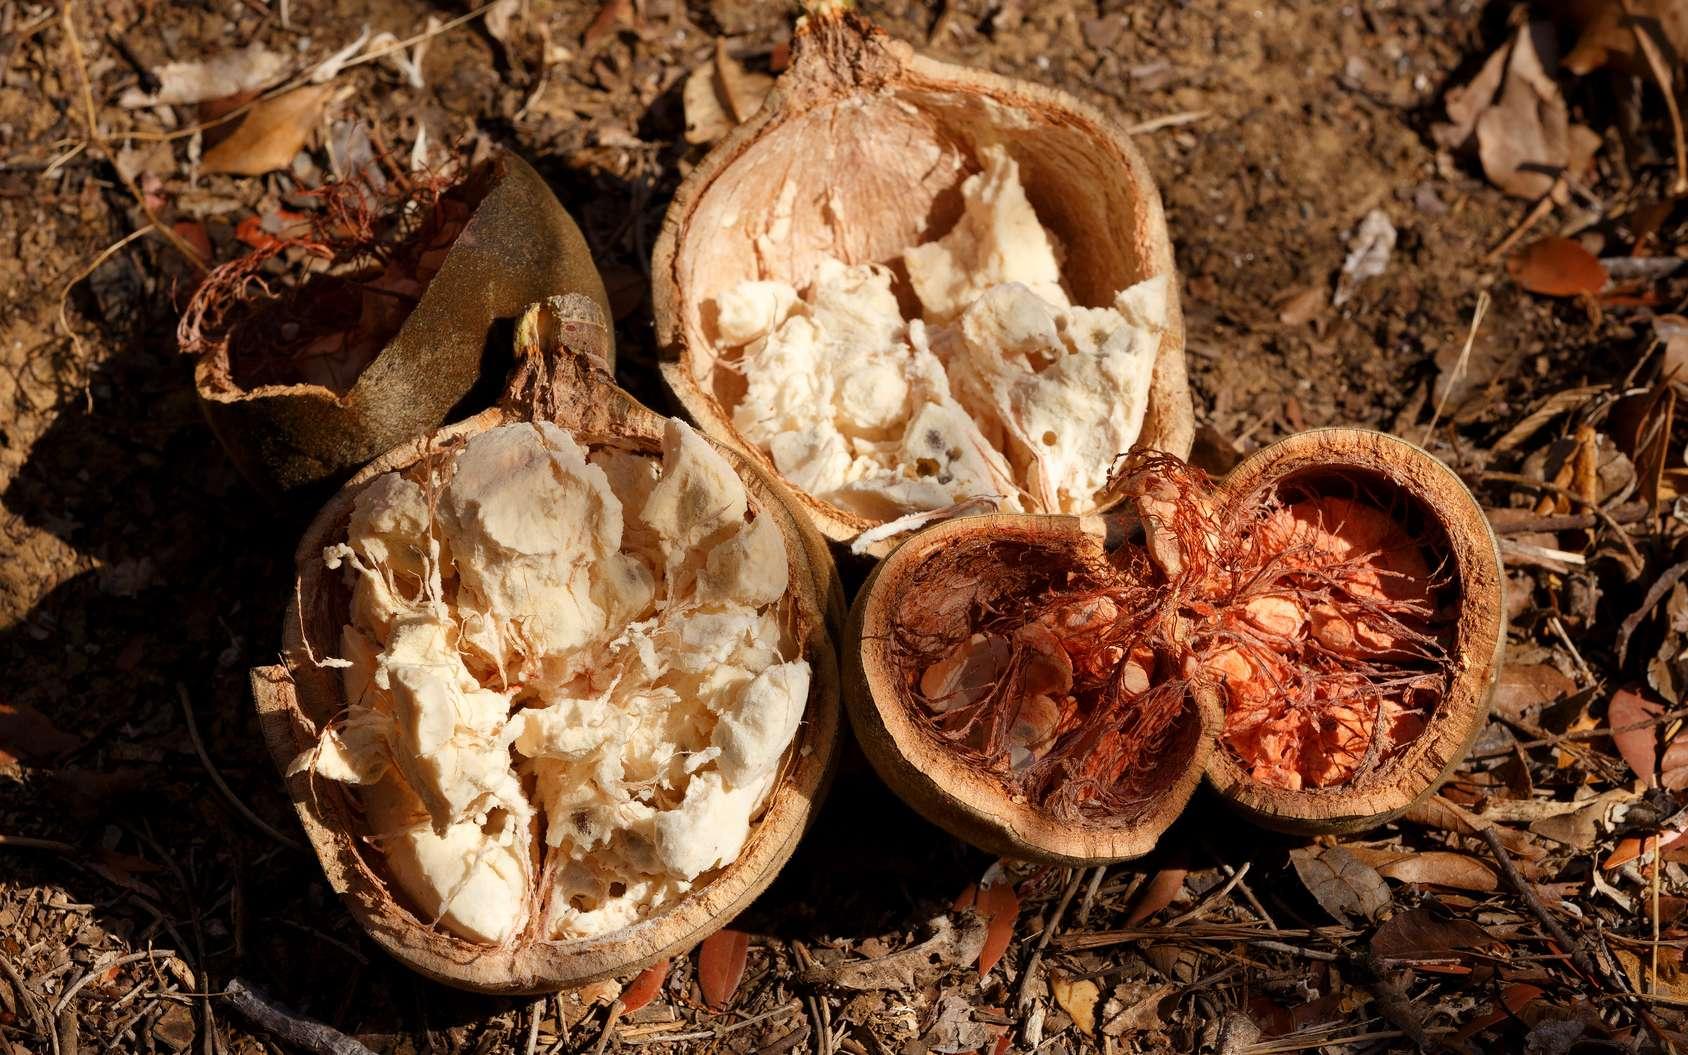 Le pain de singe est l'intérieur du fruit du baobab. Le nom « baobab » dérive de l'arabe bu hibab qui signifie « fruit à nombreuses graines ». © artush, Fotolia